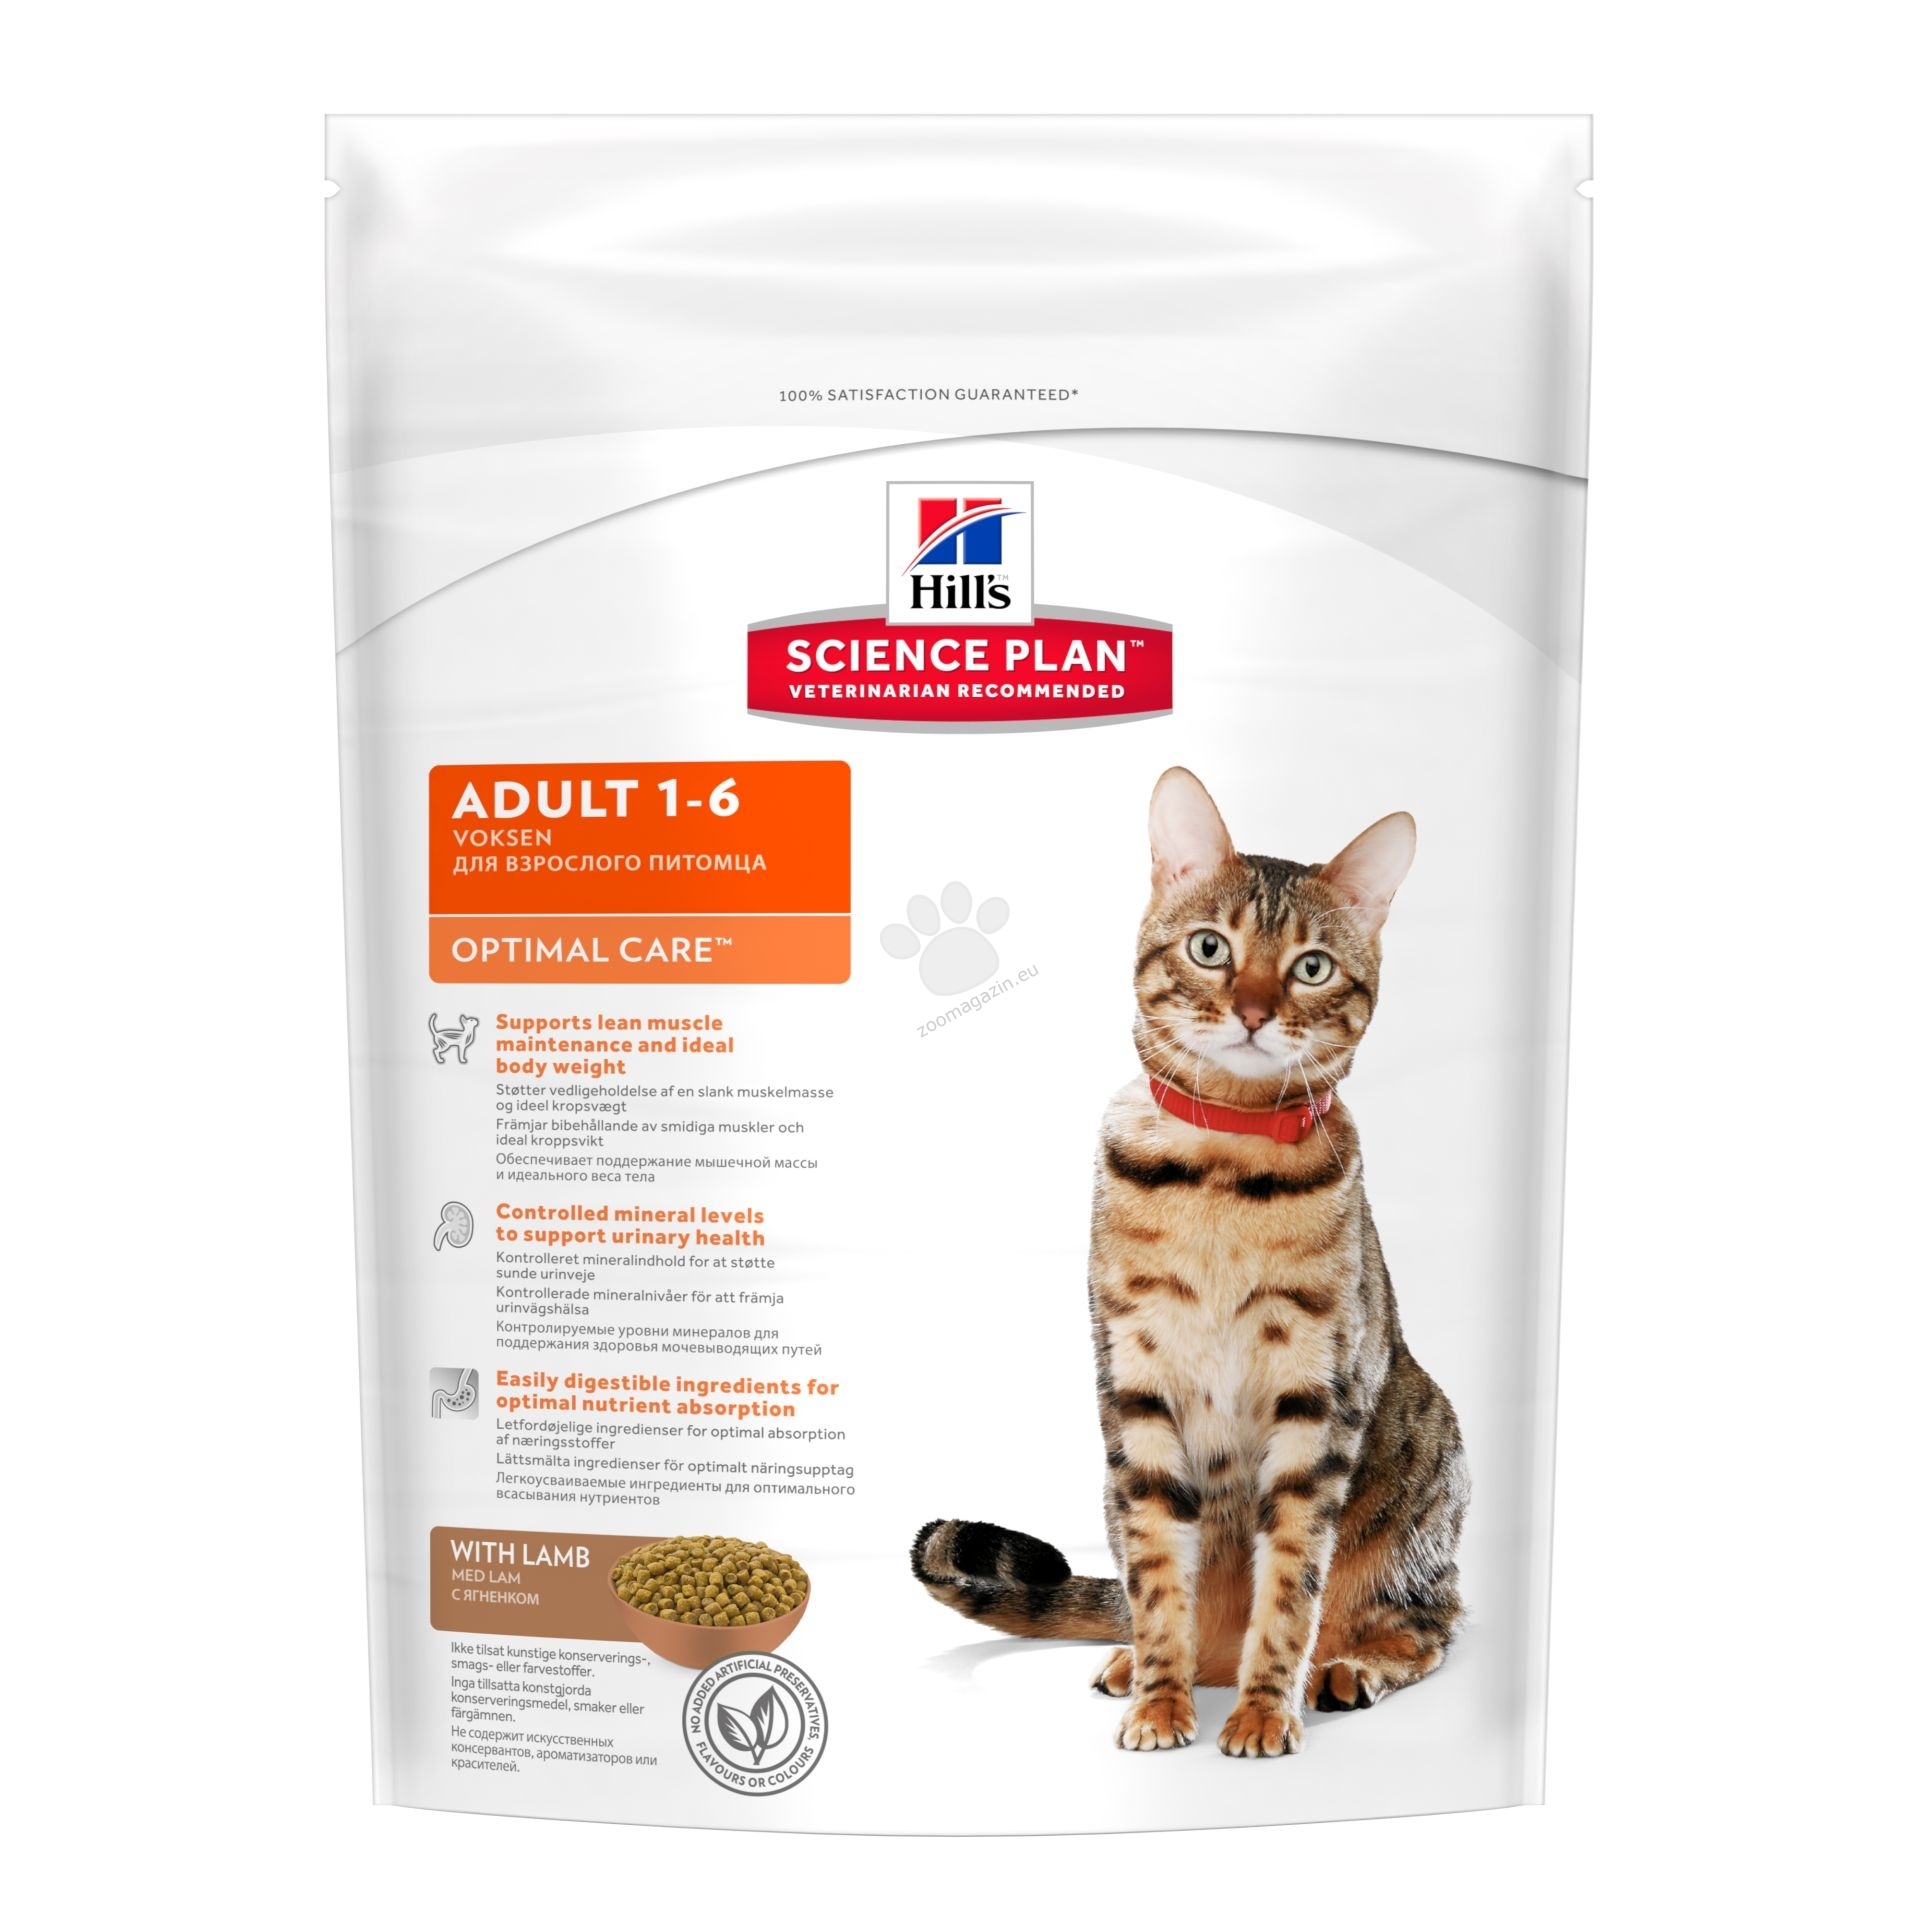 Science Plan Feline Optimal Carе Lamb 400 Gr Hills Online Pet Dr Stefanov